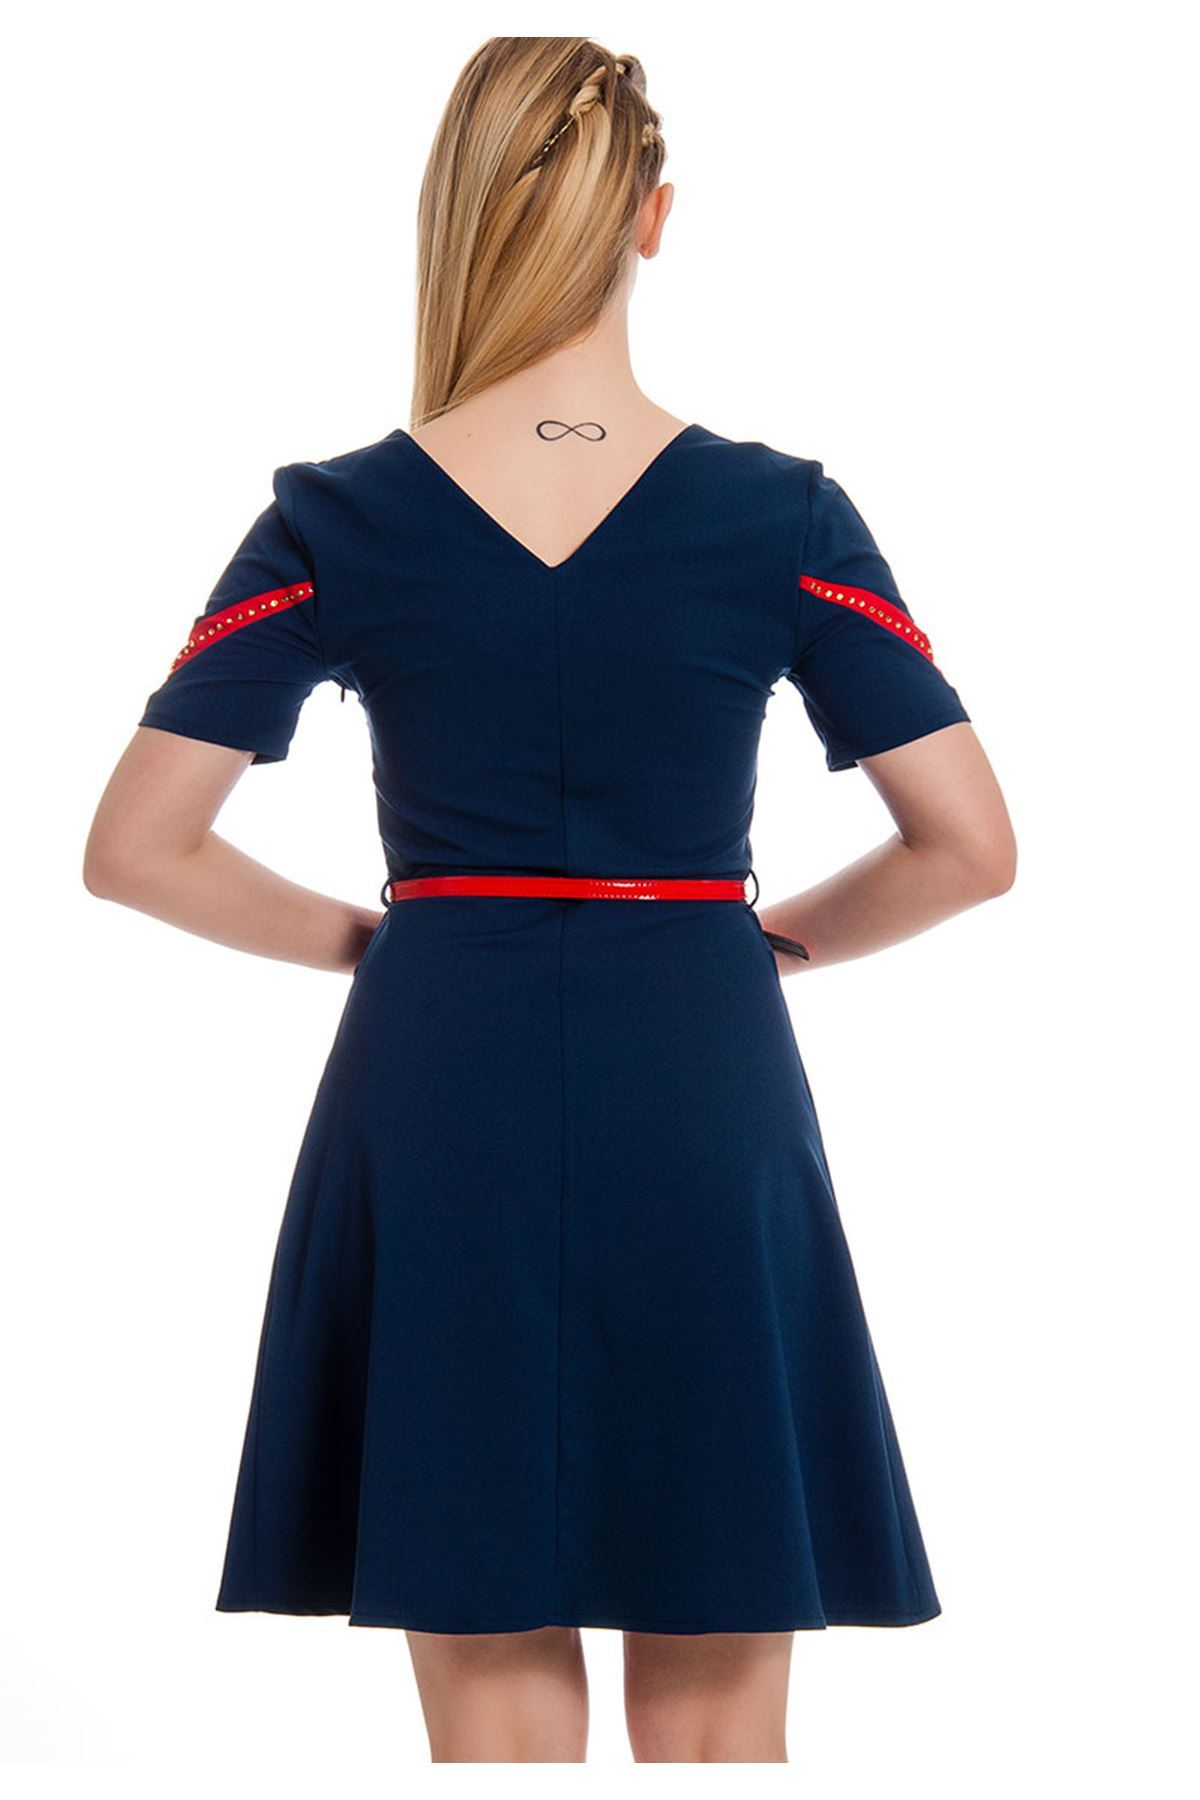 İki Renk Kadın Elbise I4-127965